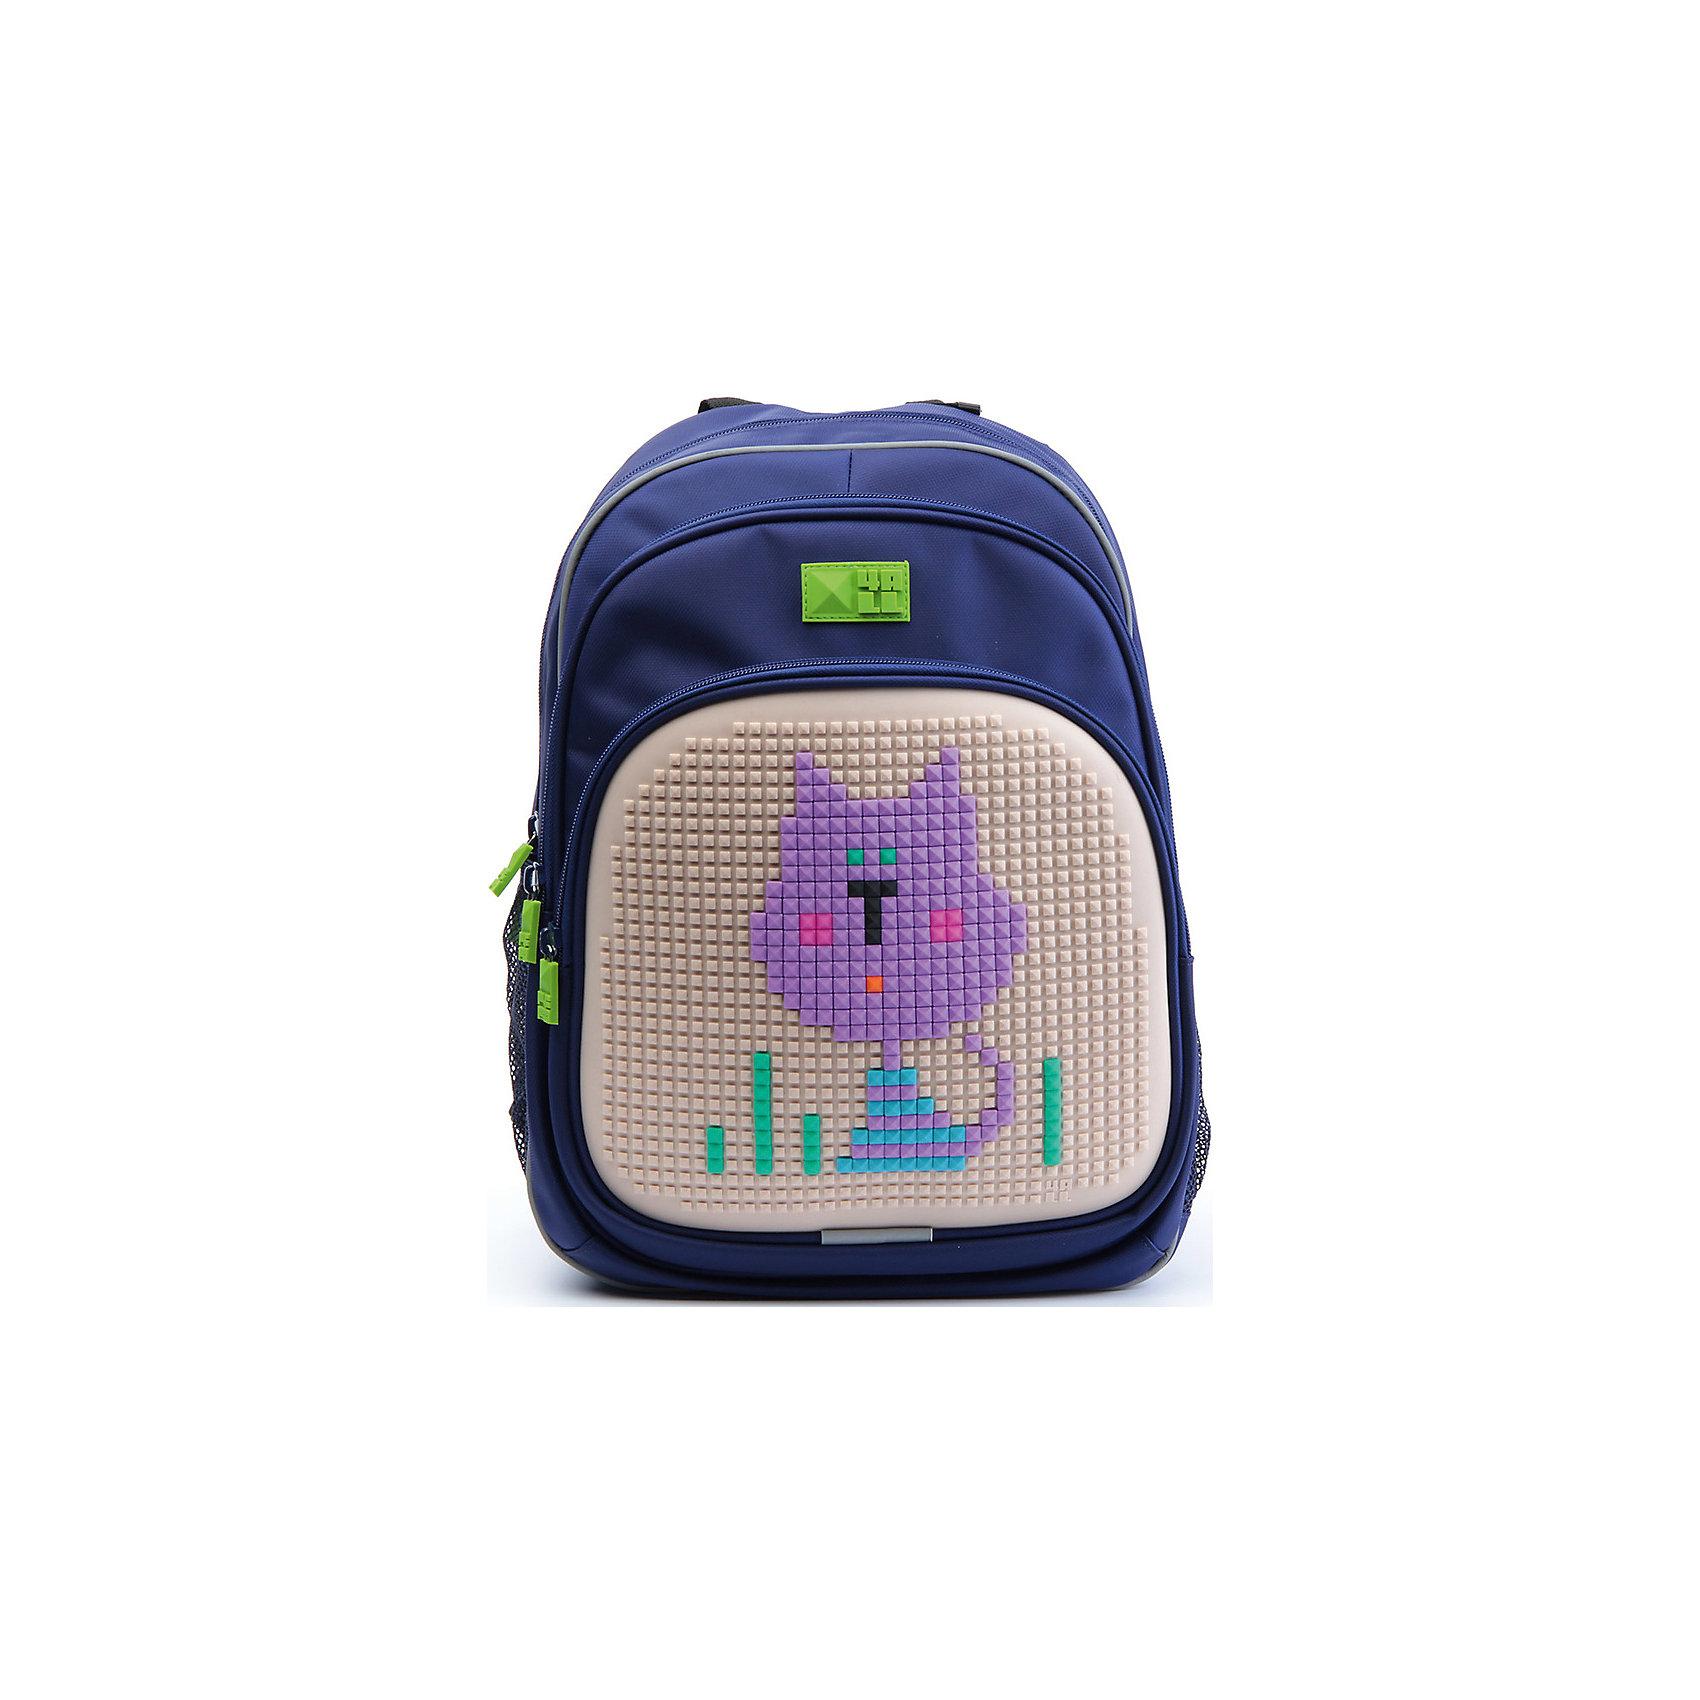 Рюкзак Kids, синийРюкзак KIDS - это одновременно и яркий, функциональный школьный аксессуар, и безграничная площадка для самовыражения, способная подчеркнуть любой выбранный образ. С помощью уникальной силиконовой панели и набора пластиковых пикселей-битов можно декорировать фасад рюкзака, как угодно, полагаясь на свое воображение и вкус. А все материалы, задействованные при изготовлении, имеют специальную вода- и грязеотталкивающую пропитку, что гарантирует практичность, износостойкость и долговечность рюкзака.<br><br>Такой современный и интересный ранец будет прекрасным подарком к 1 сентября!<br><br>Особенности:<br>AIR COMFORT system:<br>- Система свободной циркуляции воздуха между задней стенкой рюкзака и спиной ребенка.<br>- Совместно с ортопедической спиной ERGO system эта система воздухообмена делает ежедневное использование рюкзаков KIDS безопасным для здоровья и максимально комфортным!<br>ERGO system:<br>- Разработанная нами система ERGO служит равномерному распределению нагрузки на спину ребенка. Она способна сделать рюкзак, наполненный учебниками, легким. ERGO служит сохранению правильной осанки и заботится о здоровье позвоночника!<br>Ортопедическая спина:<br>- Важное свойство наших рюкзаков - ортопедическая спина! Способна как корсет поддерживать позвоночник, правильно распределяя нагрузку, а так же обеспечивает циркуляцию воздуха между задней стенкой рюкзака и спиной ребенка!<br>А также:<br>- Гипоаллергенный силикон;<br>- Водоотталкивающие материалы;<br>- Устойчивость всех материалов к температурам воздуха ниже 0!<br><br>Дополнительная информация:<br><br>- Рюкзак уже содержит 1 упаковку разноцветных пикселей-битов (300 шт.) для создания картинок<br>- Цвет: синий;<br>- Объем рюкзака: 22 л.<br>- Размер в упаковке: 39х27х15 см.<br>- Вес в упаковке: 950 г.<br><br>Рюкзак Kids в синем цвете , можно купить в нашем магазине.<br><br>Ширина мм: 390<br>Глубина мм: 270<br>Высота мм: 150<br>Вес г: 950<br>Возраст от месяцев: 36<br>Возраст до месяцев: 144<br>Пол: Унисе